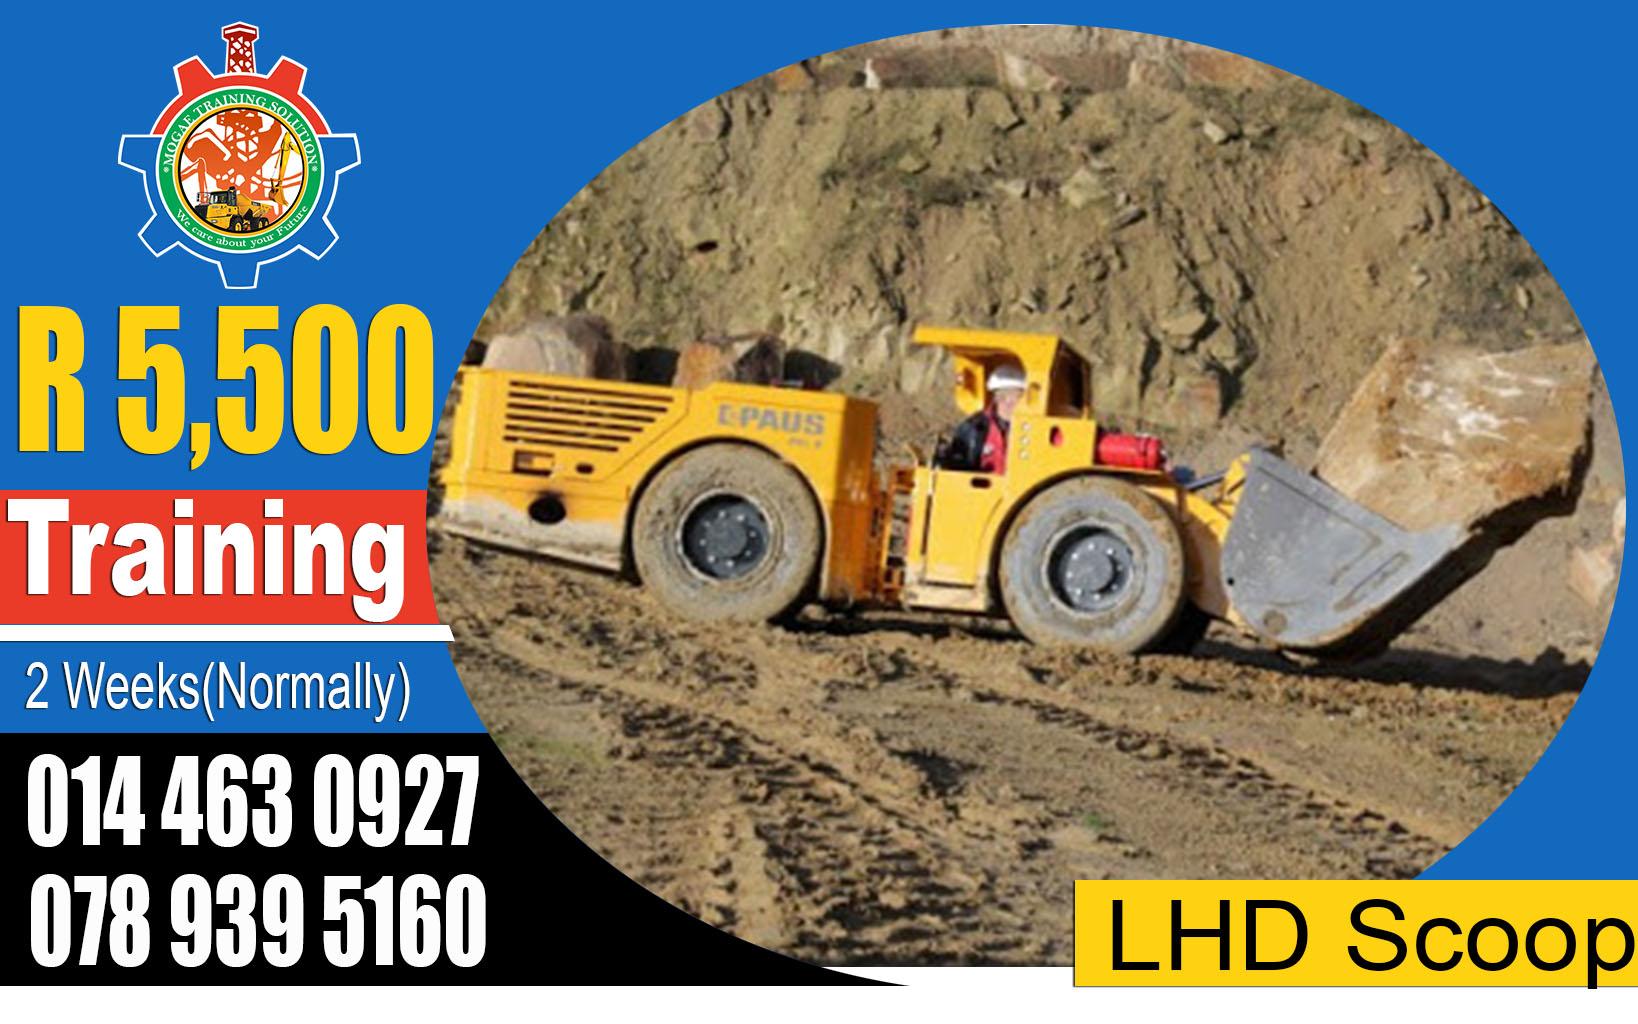 LHD Scoop Training in Mafikeng 0712613657